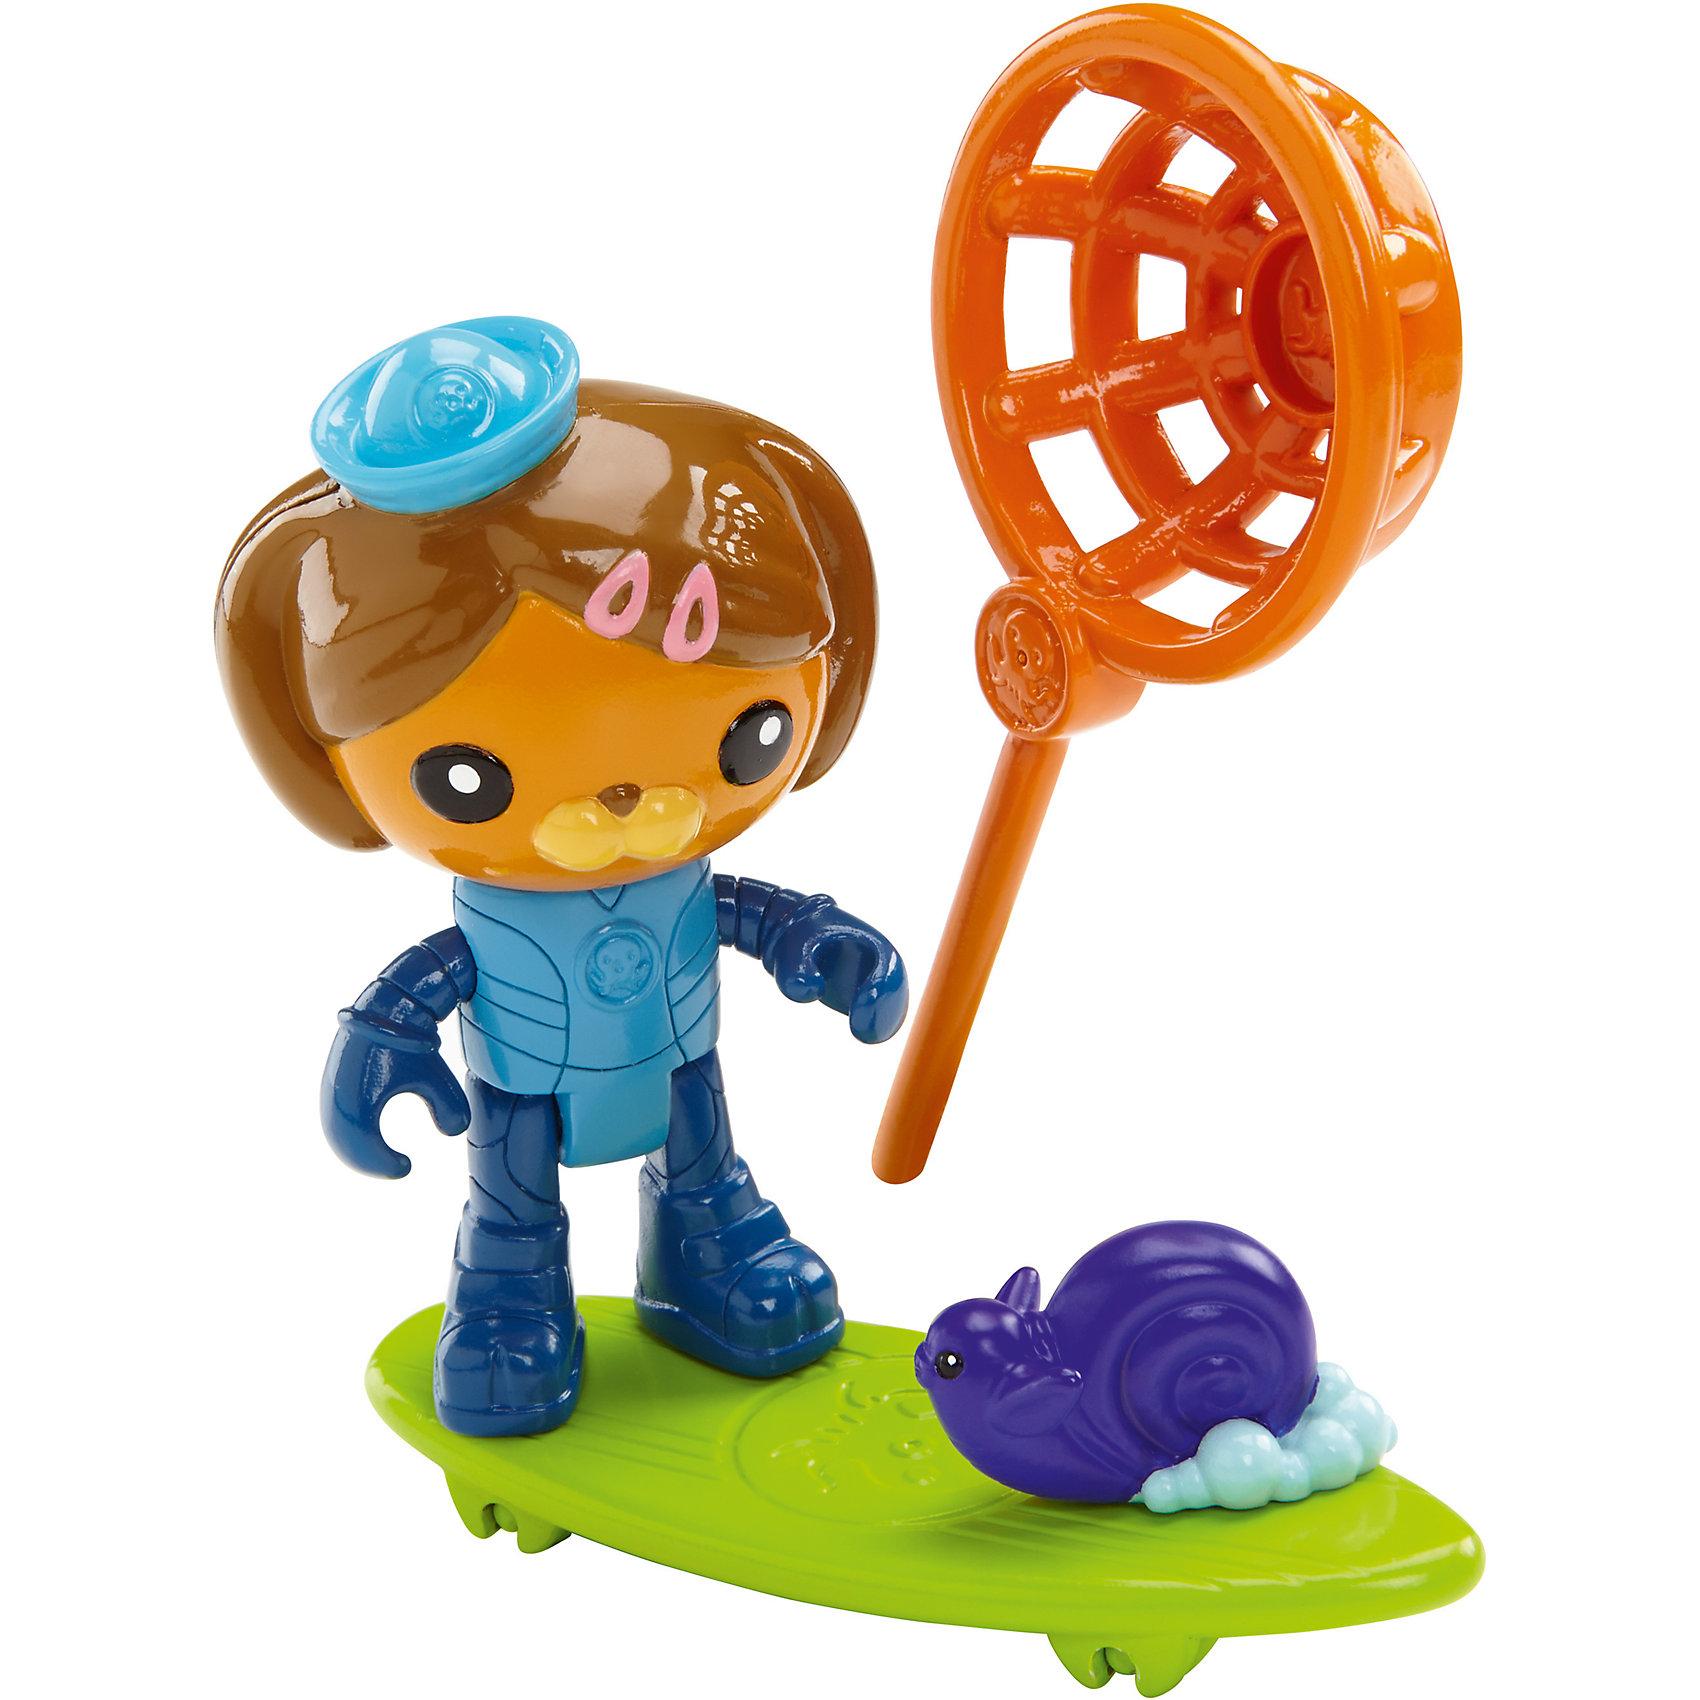 Mattel Базовая фигурка, Октонавты, Fisher Price mattel базовая фигурка октонавты fisher price